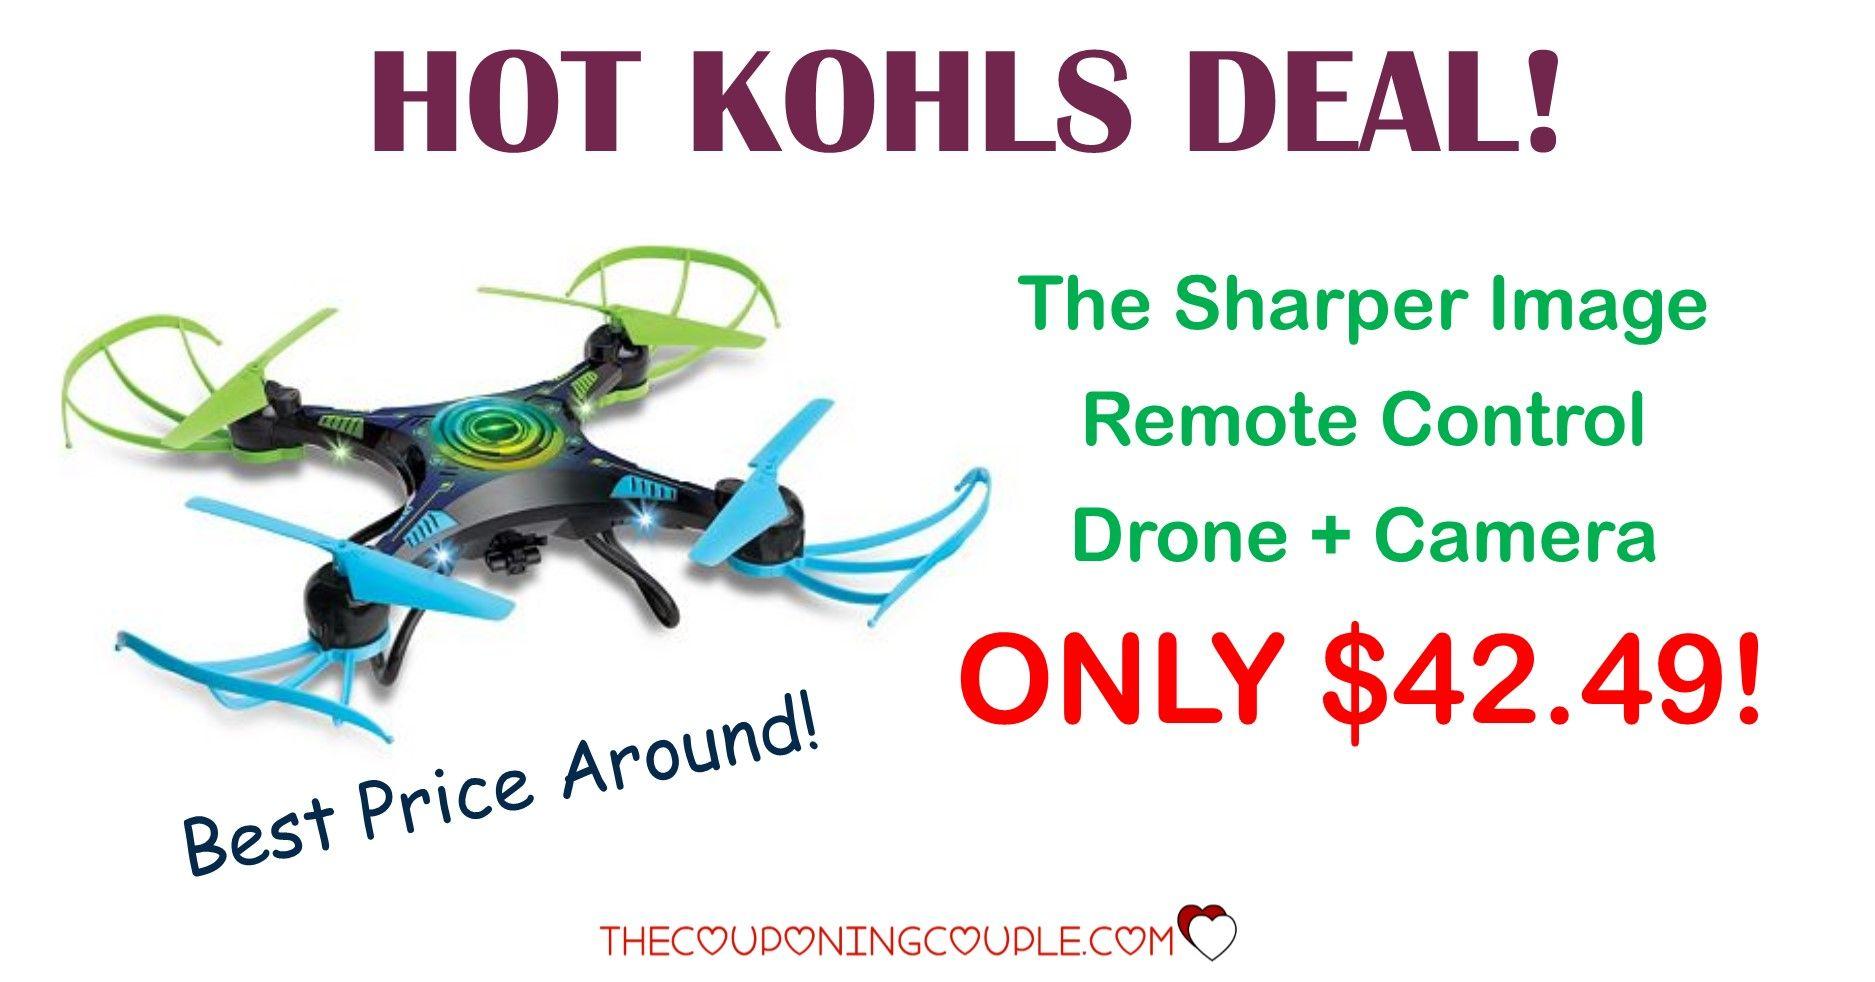 Sharper Image Remote Control Sky Drone Camera 4249 120 Value